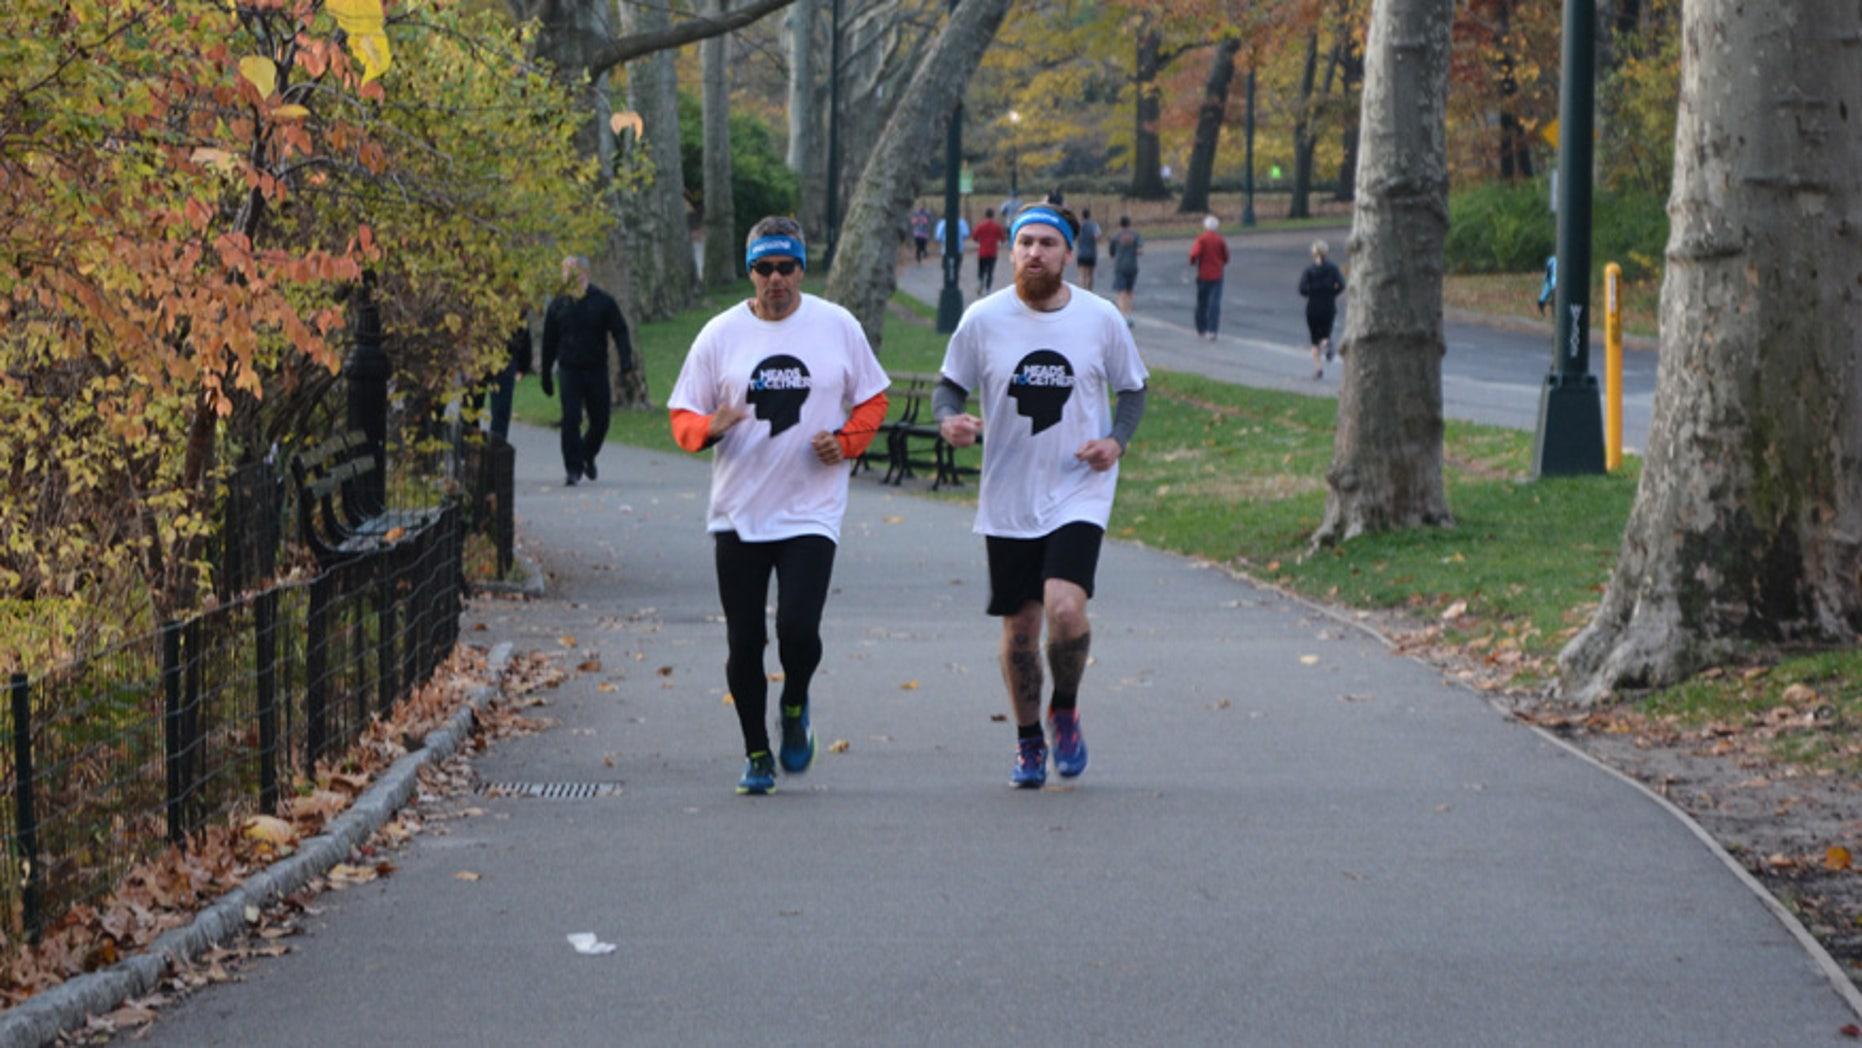 Ivan Castro (left) and Karl Hinnett (right) will run back-to-back marathons to raise awareness for mental health.